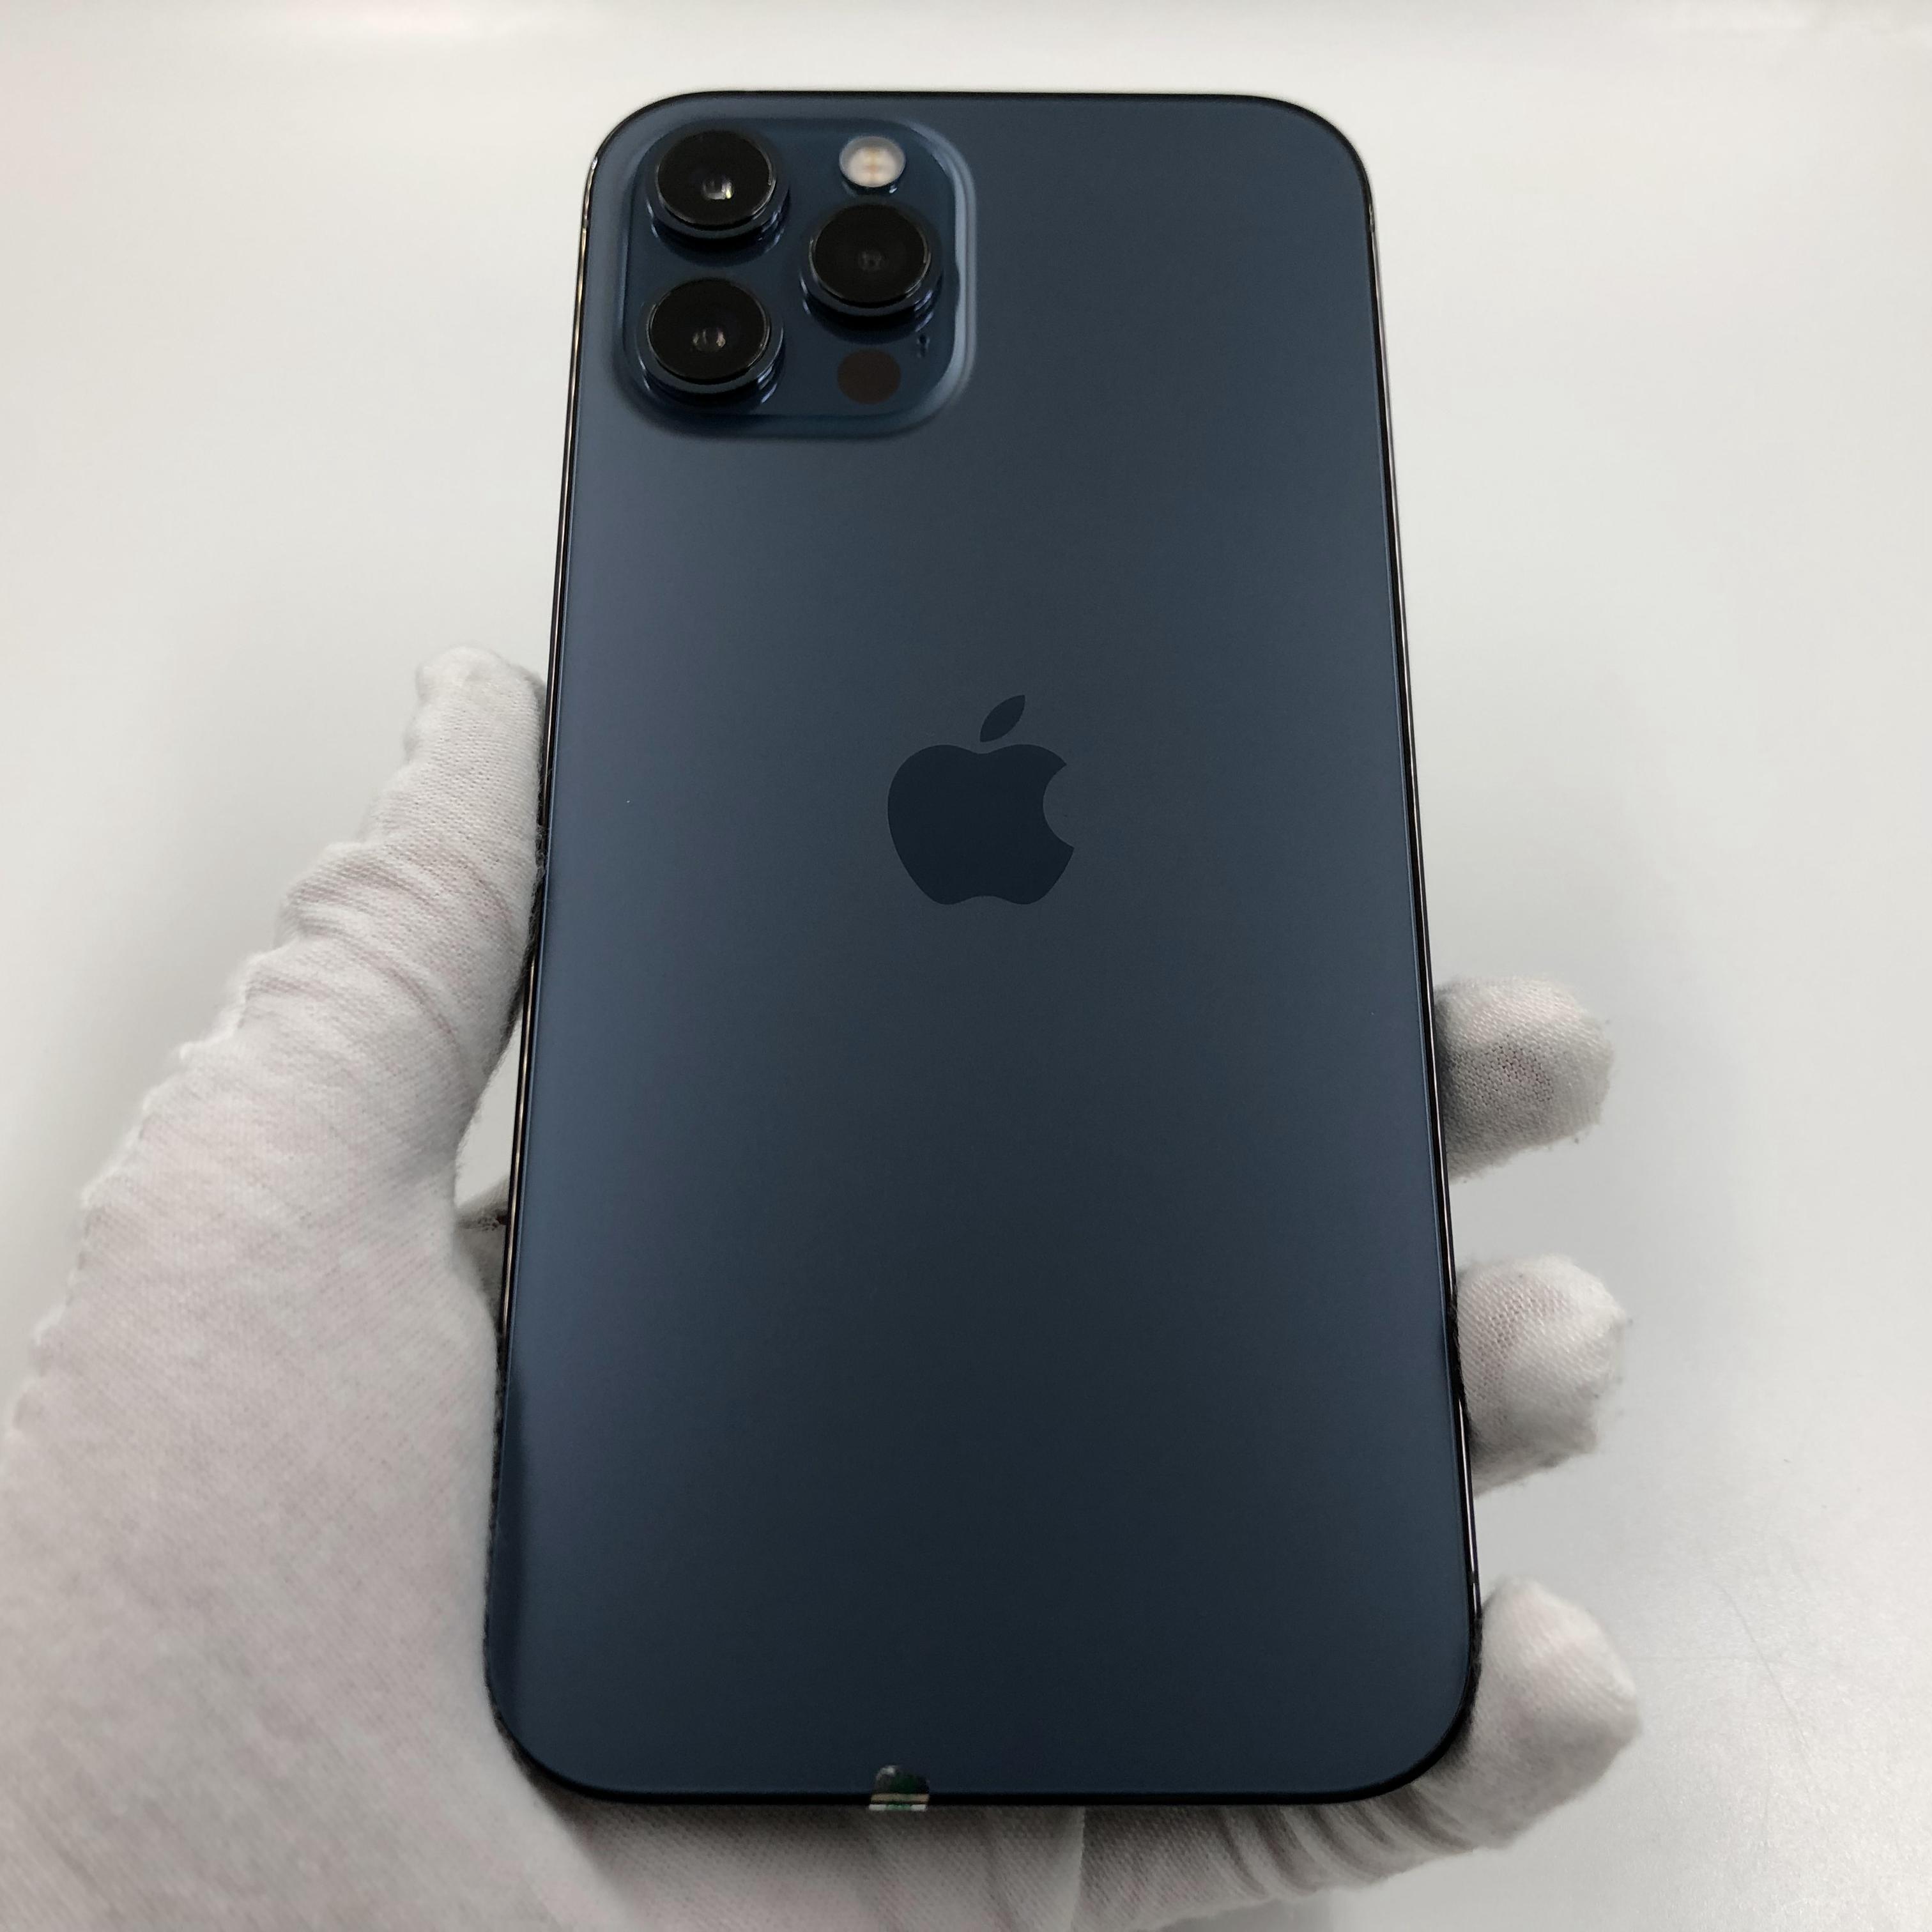 苹果【iPhone 12 Pro Max】5G全网通 海蓝色 128G 国行 95新 真机实拍